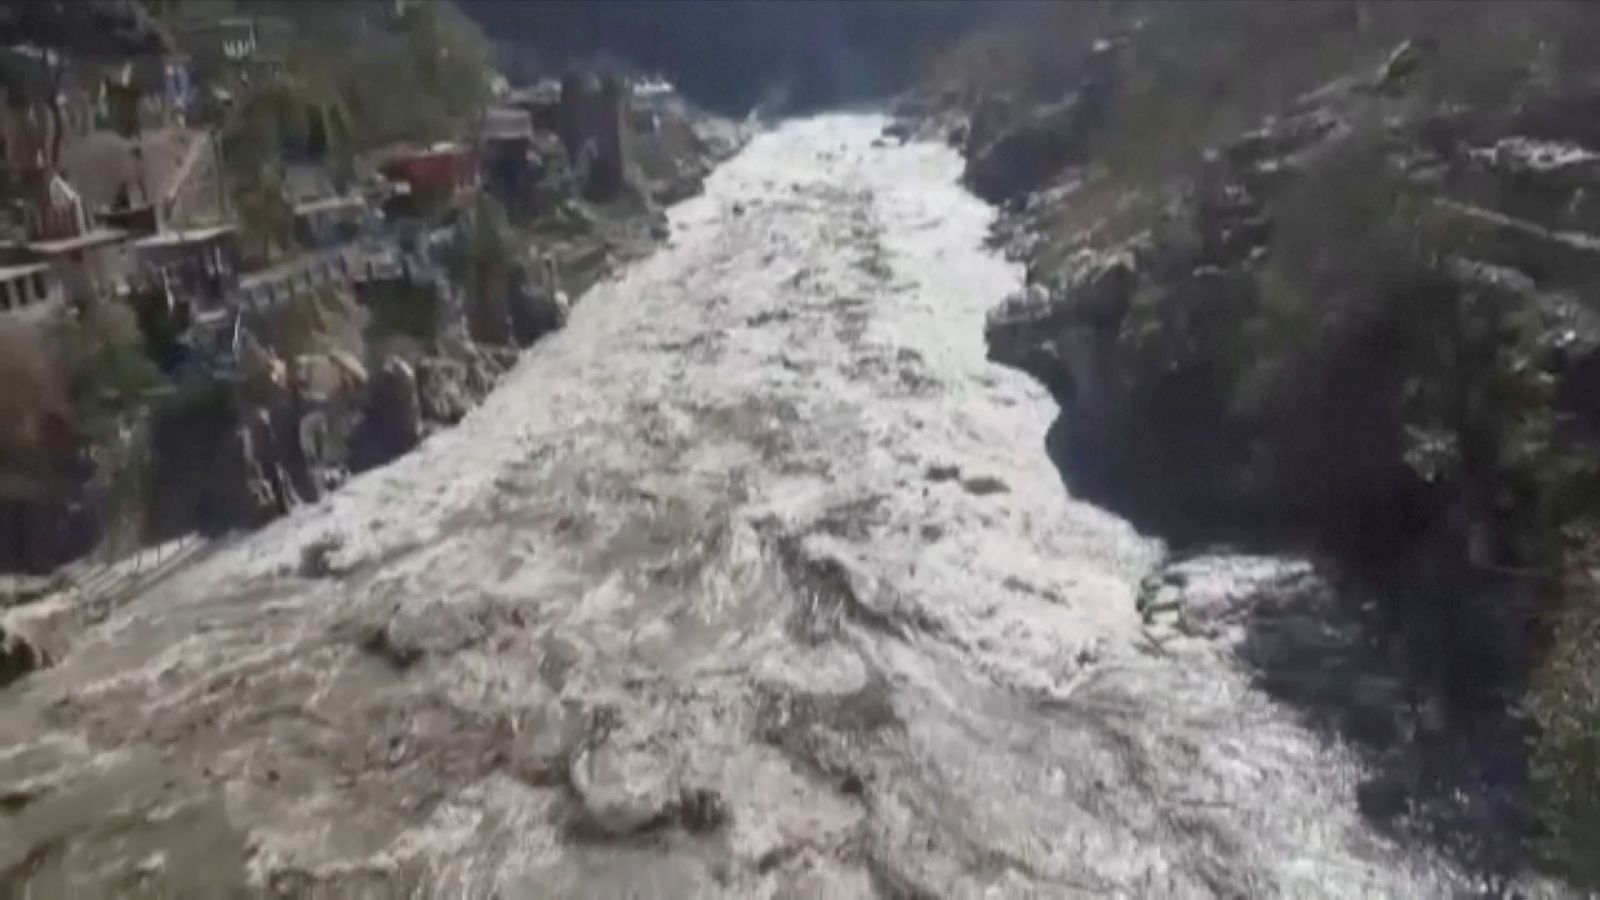 Himalayan glacier bursts in India